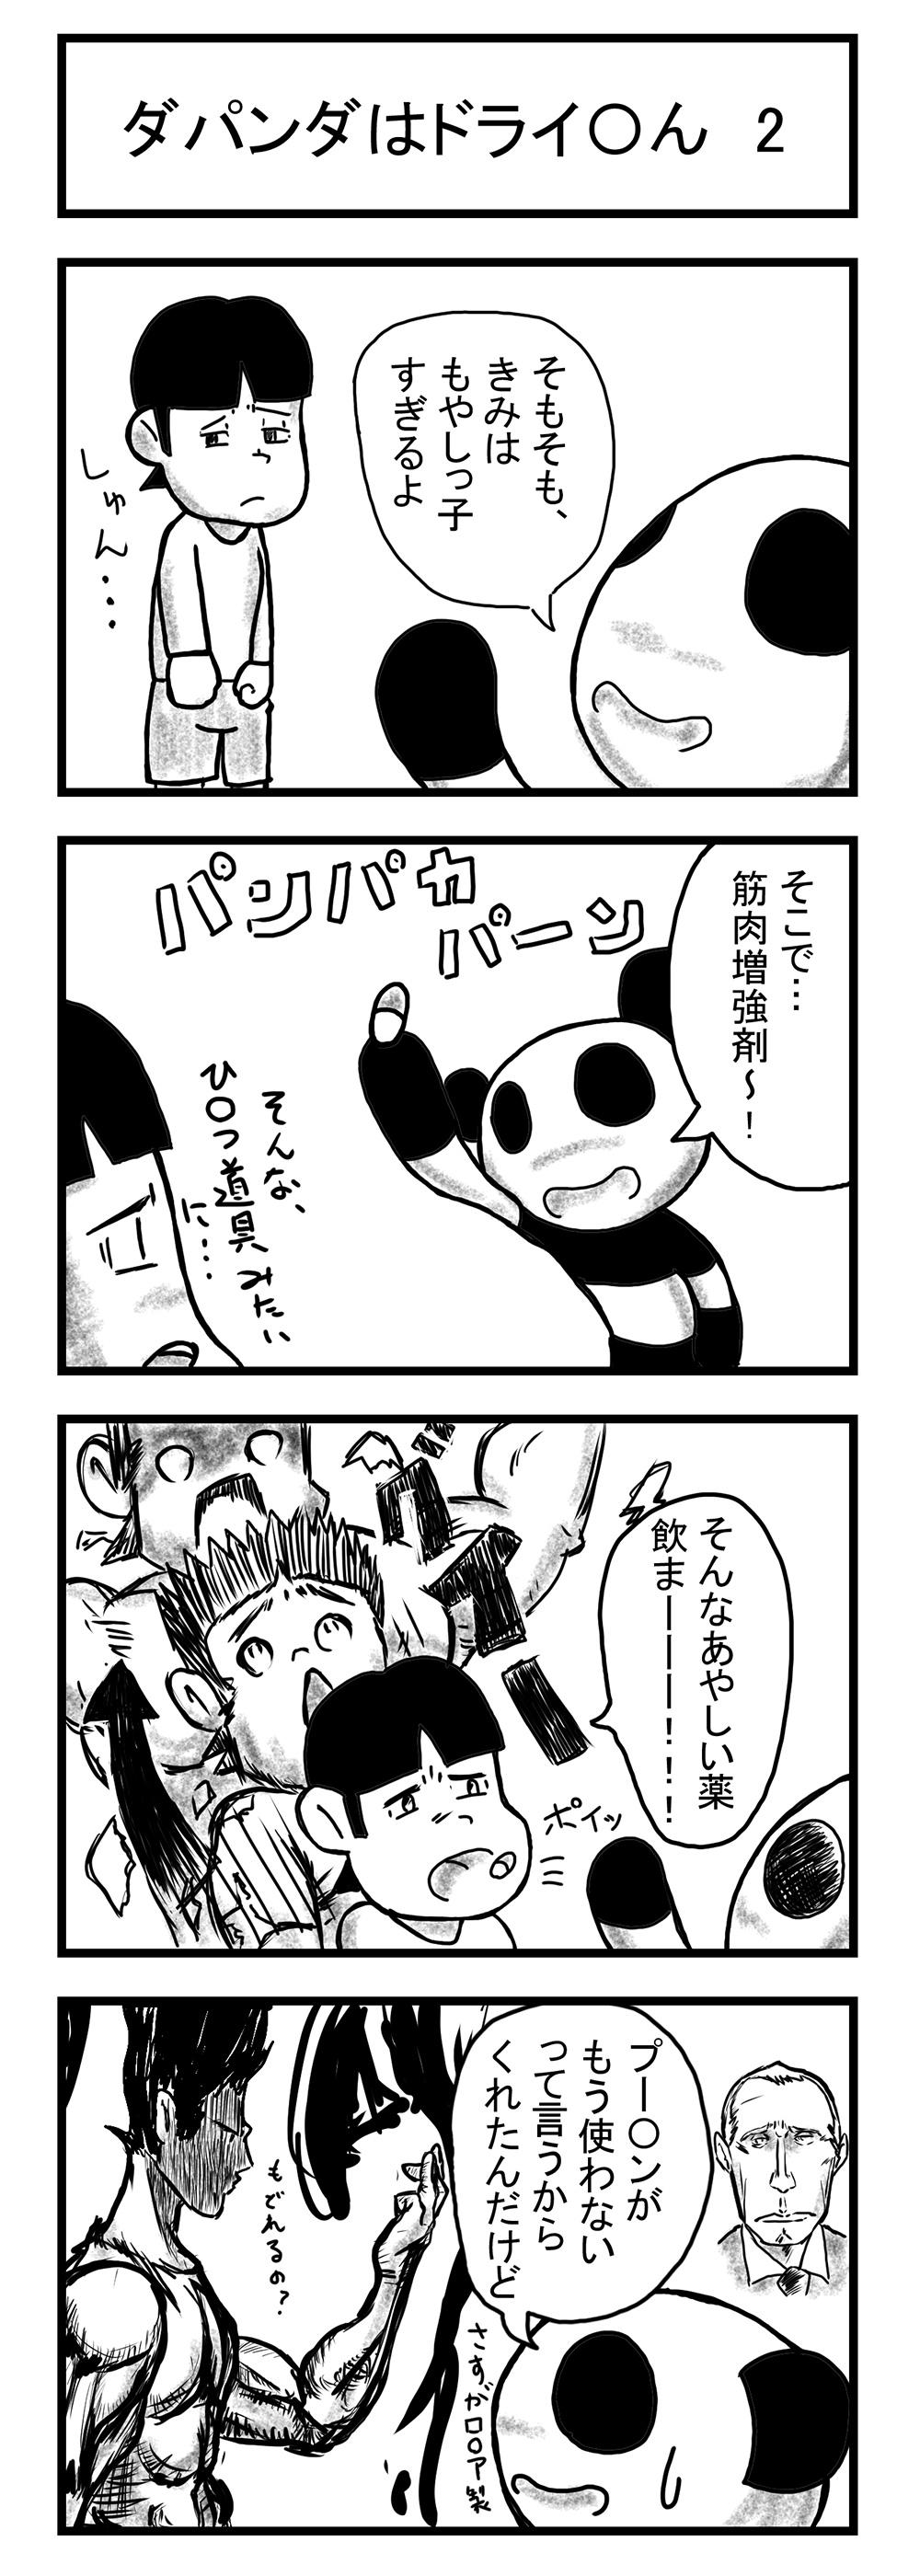 4コマ漫画「ダ!パンダ」その6 「ダパンダはドライ○ん 2」(Raytrektabで描く漫画)#Raytrektab #4コマ漫画